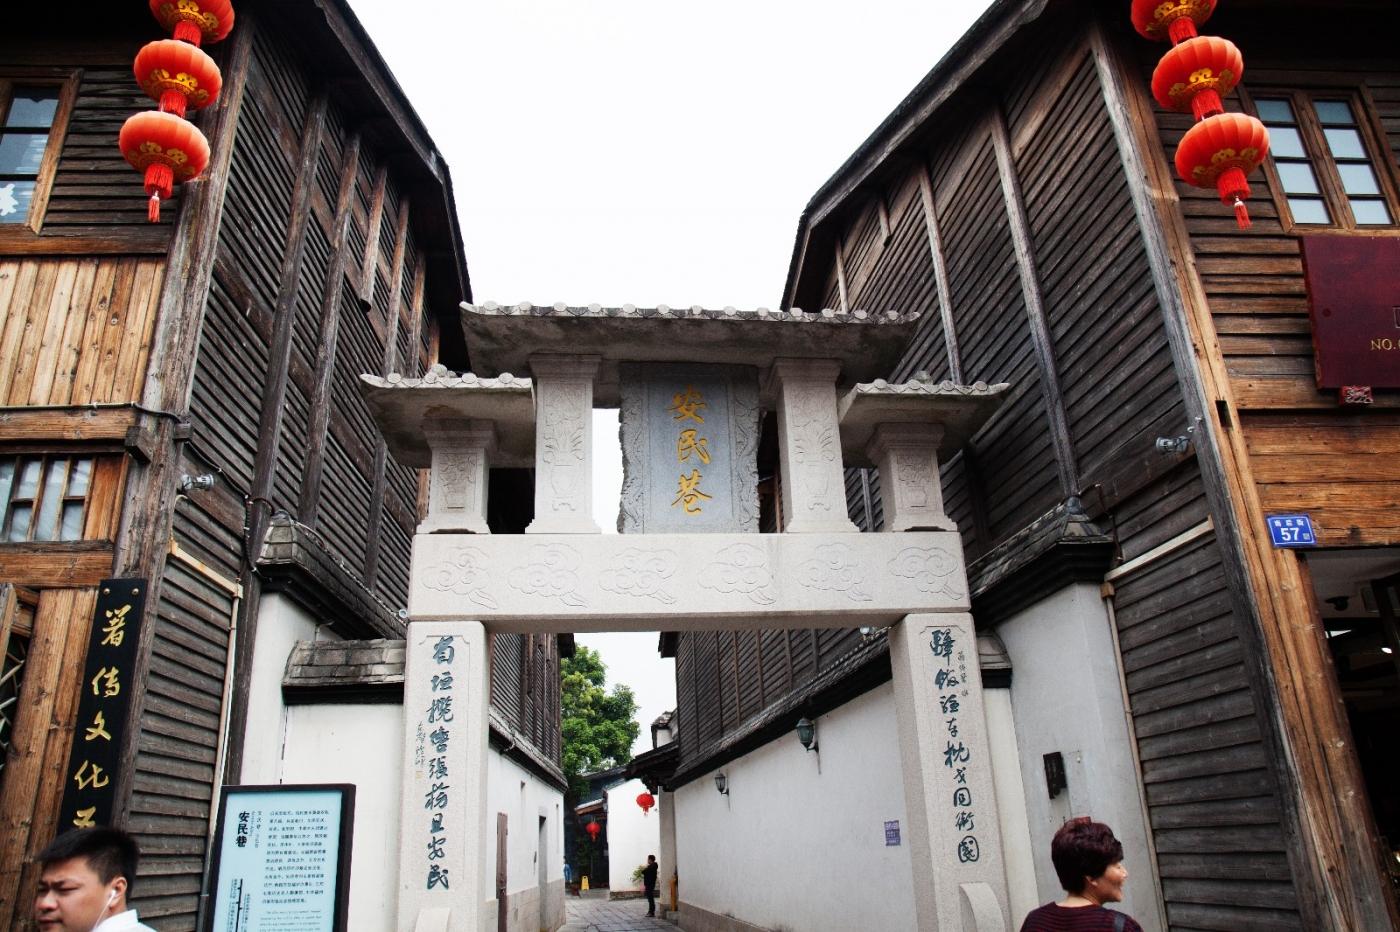 三坊七巷是福州市的旅游胜地_图1-7